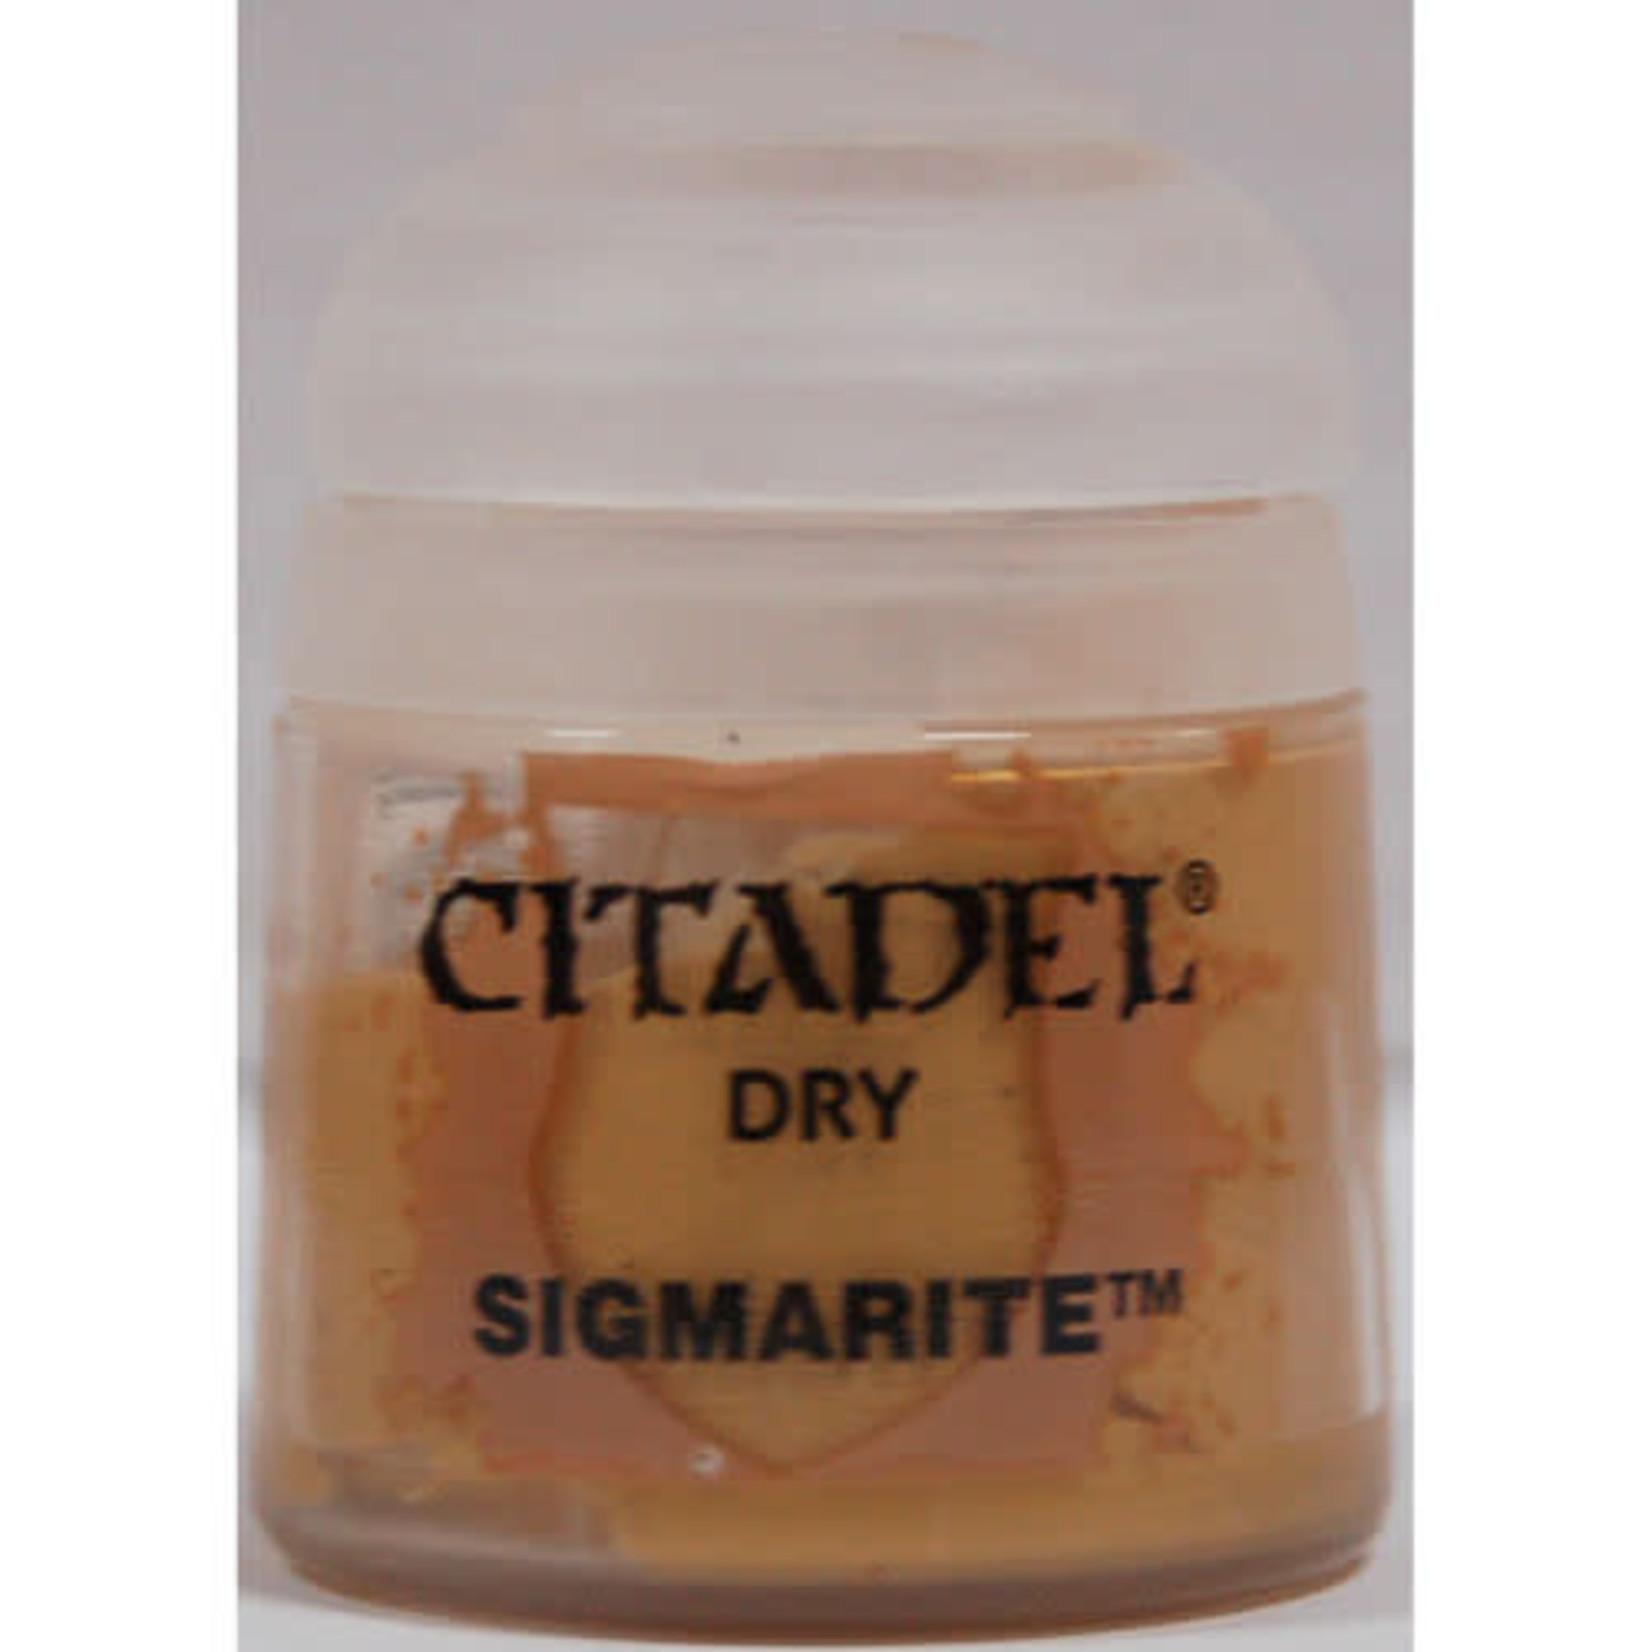 Citadel Citadel Paint - Dry: Sigmarite